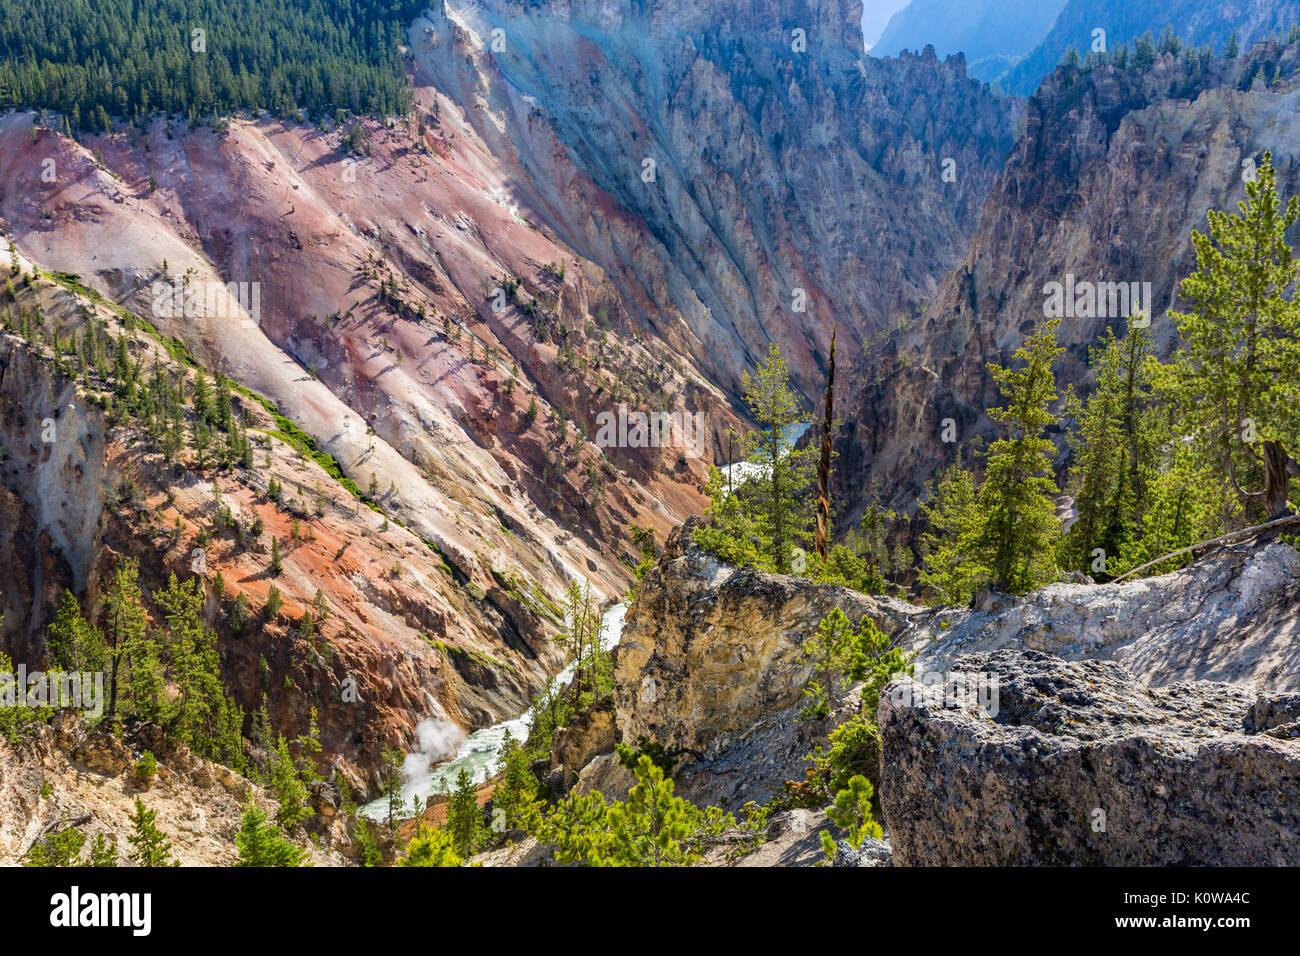 Una vista guardando verso il Grand Canyon di Yellowstone da Artist Point nel Parco Nazionale di Yellowstone, Wyoming Immagini Stock